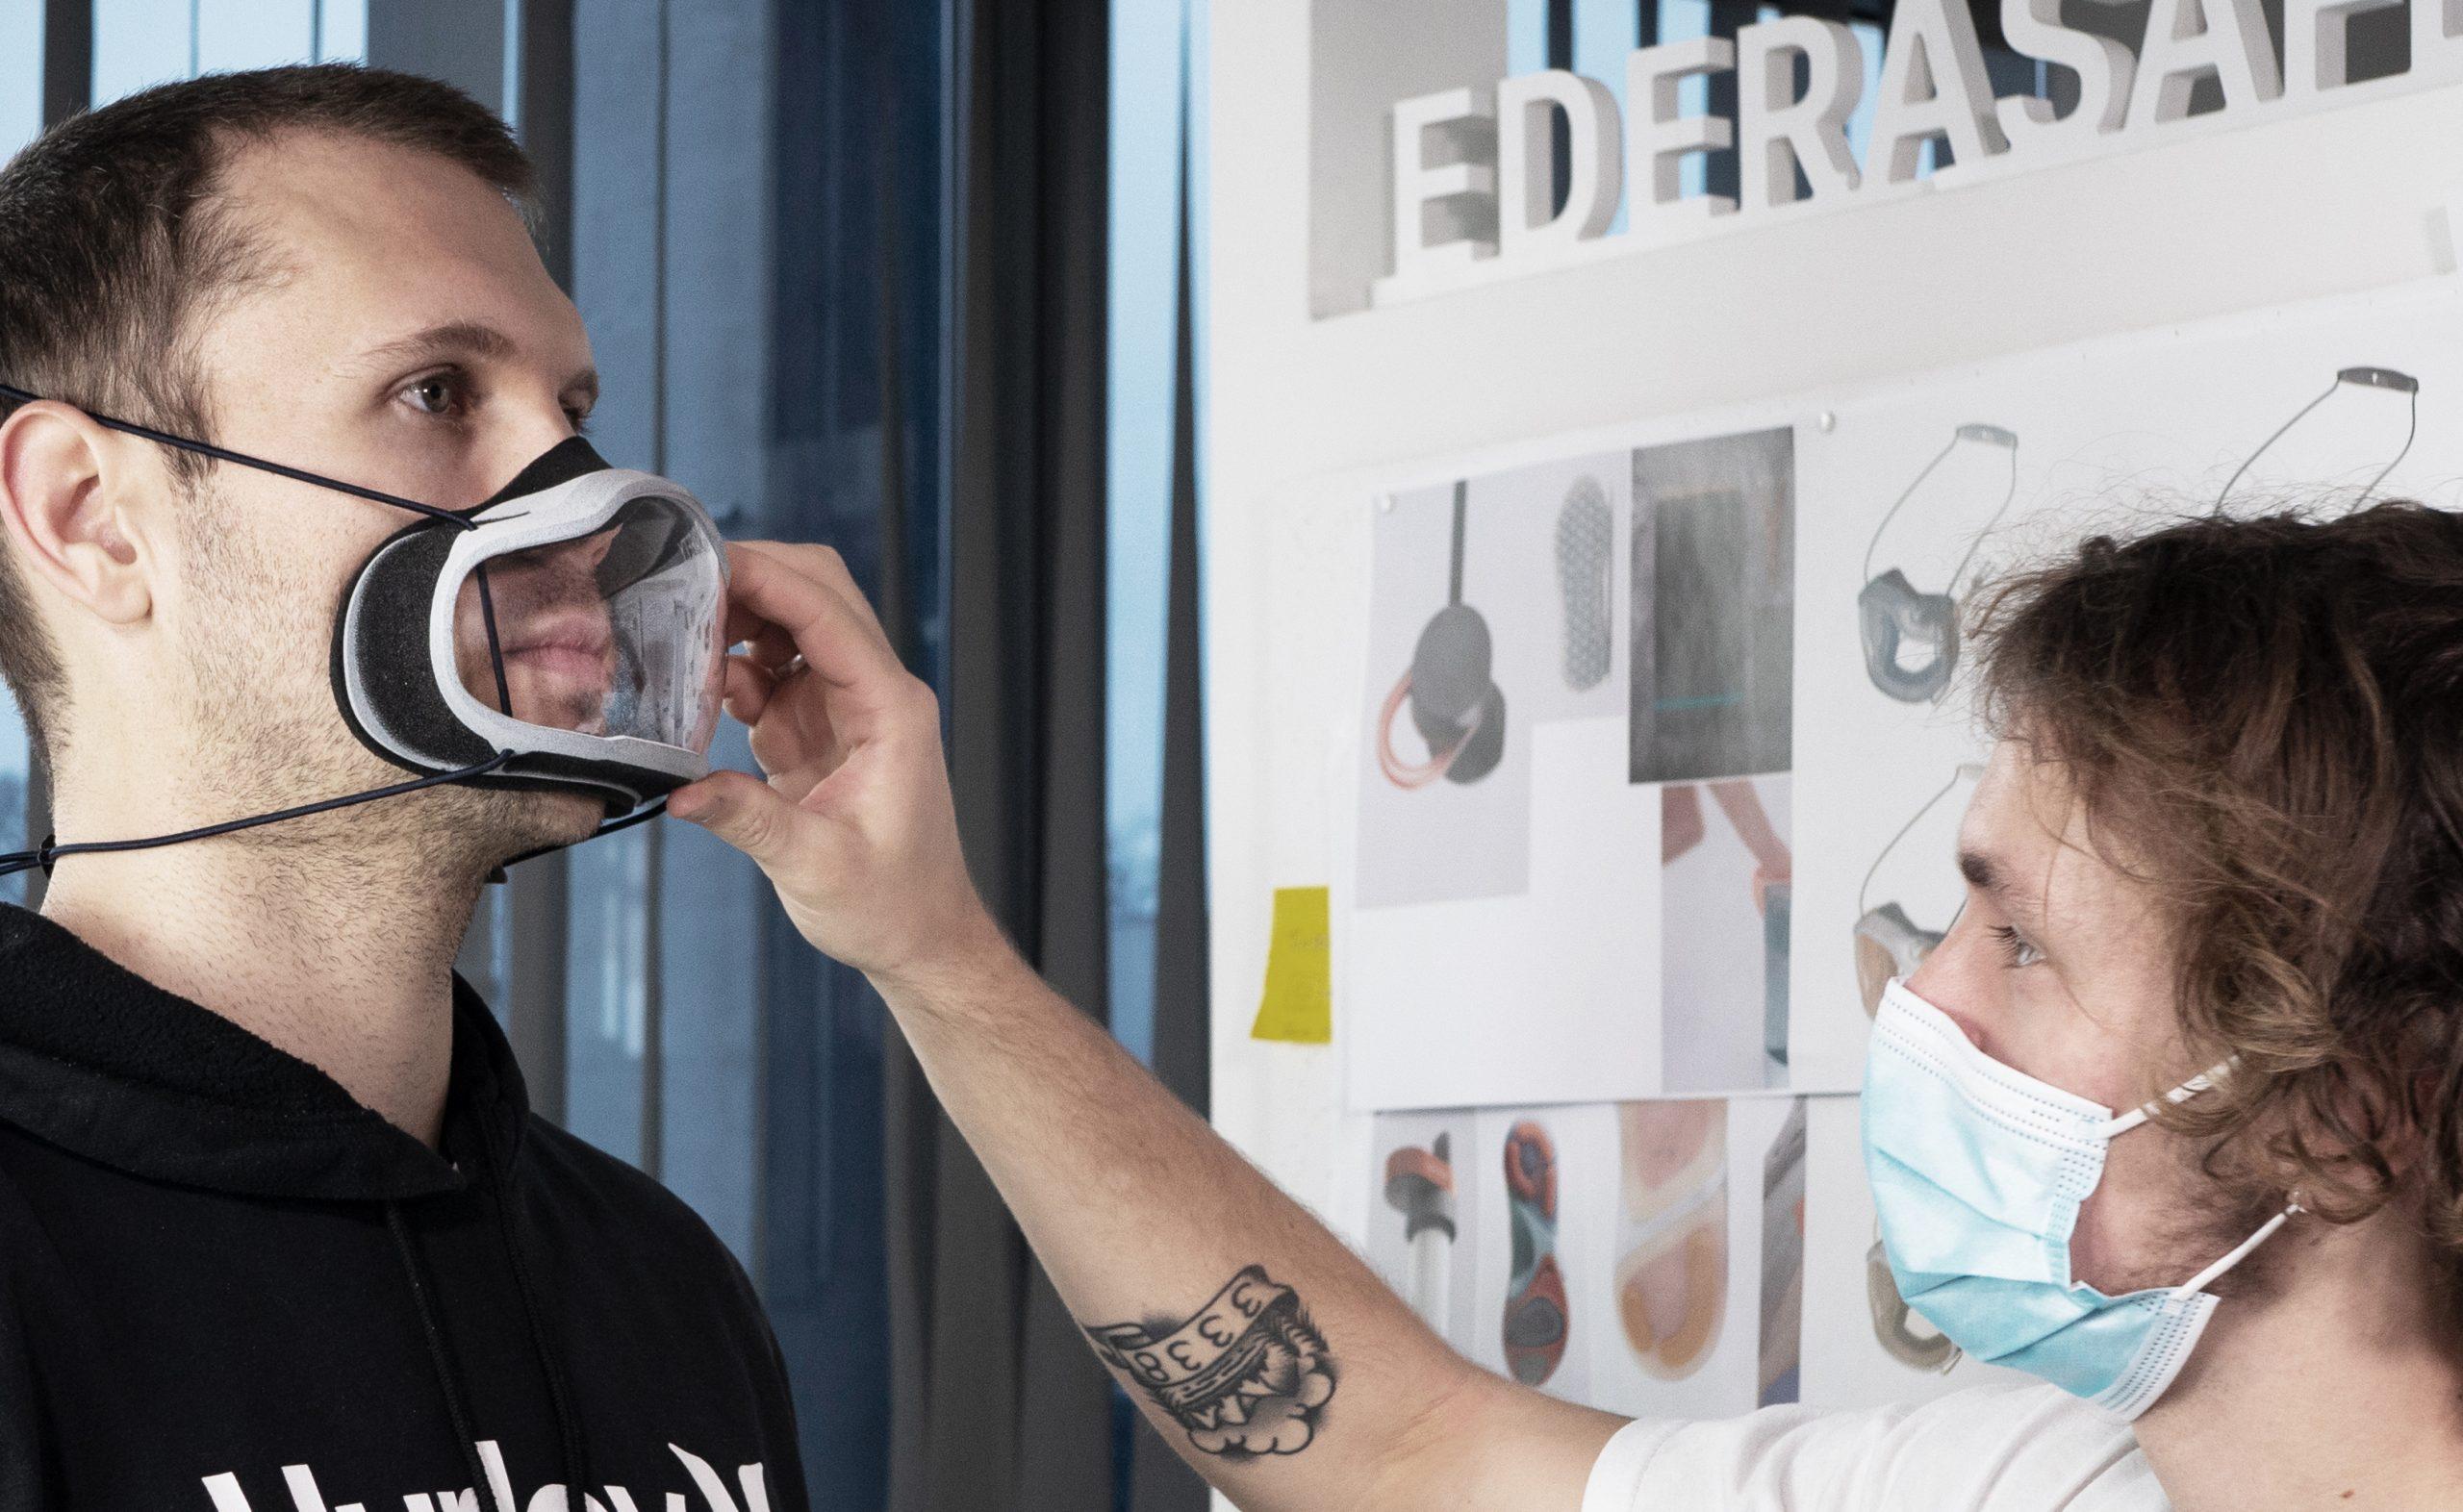 Individuell auf die Gesichtszüge zugeschnitten: Premium-Maske von Edera Safety (Credit: Edera Safety)